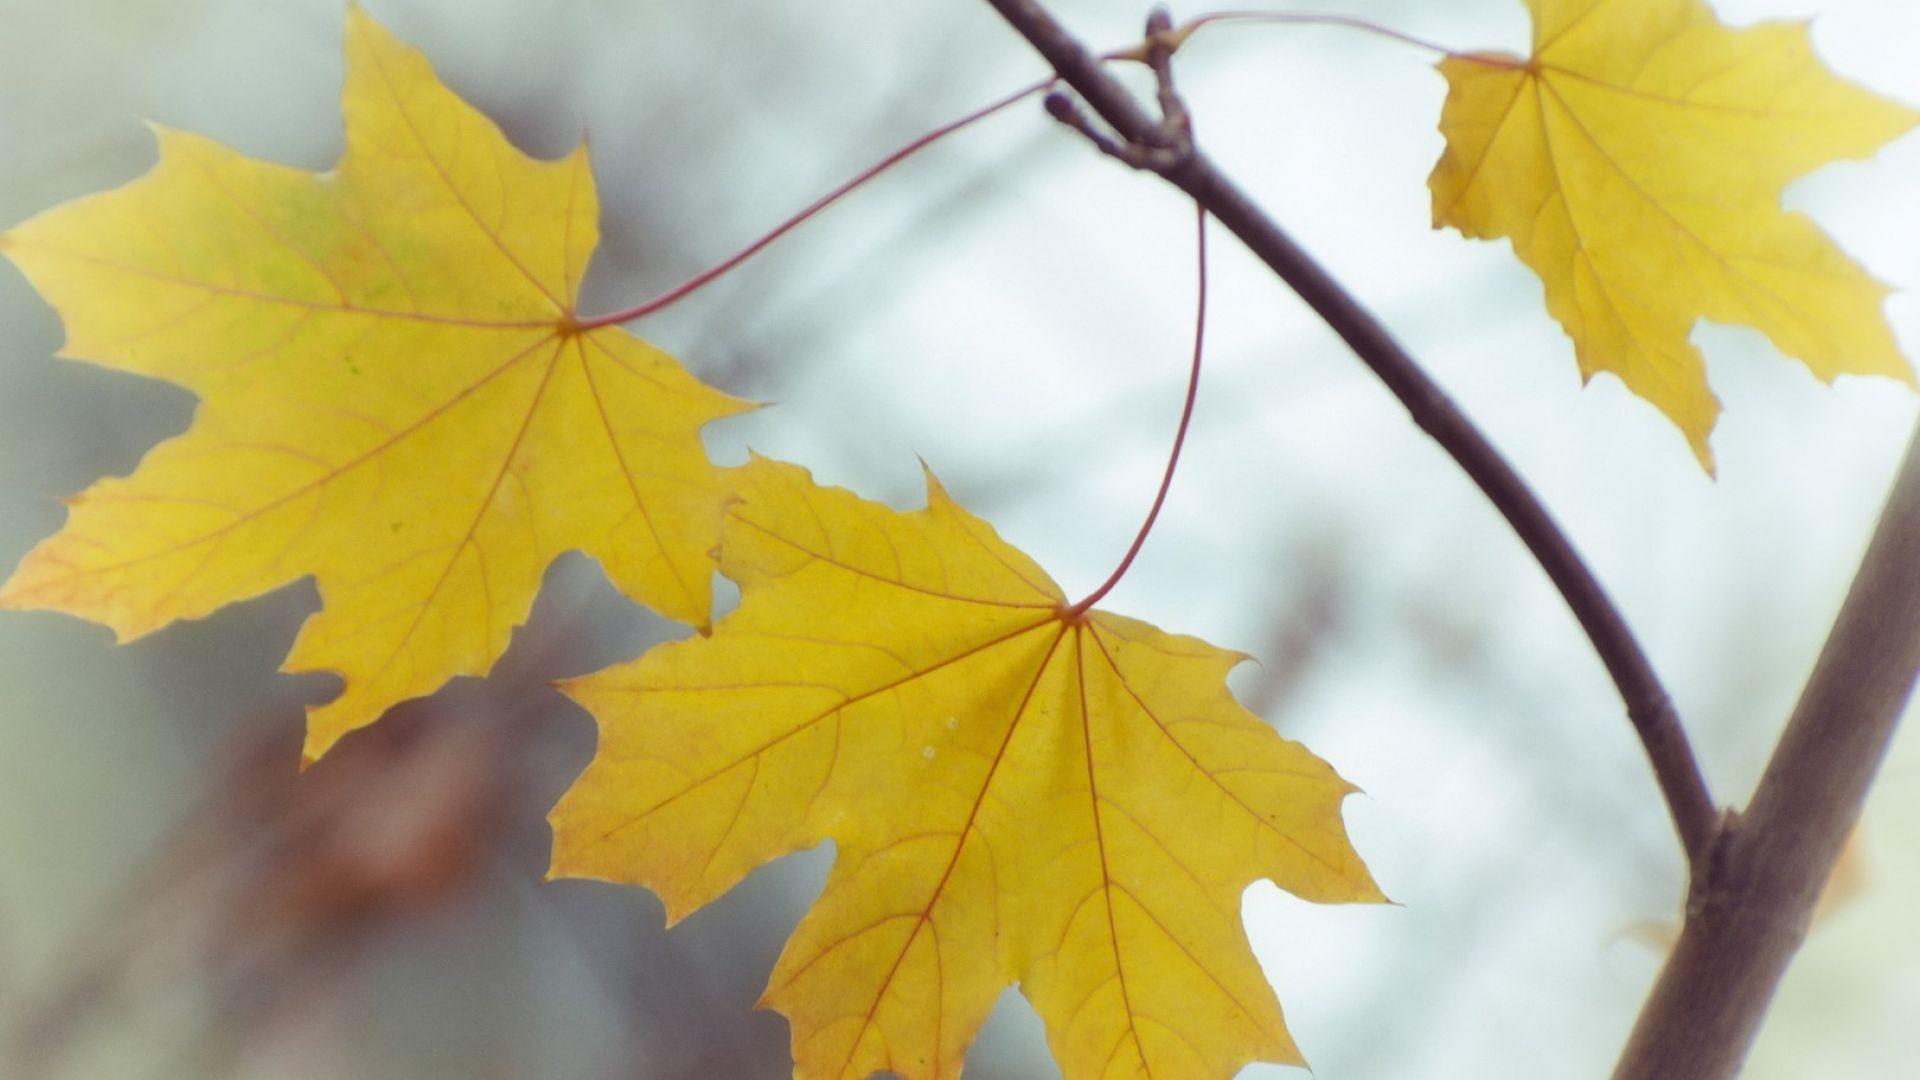 Ноември продължава с необичайно топло време - до 25 градуса